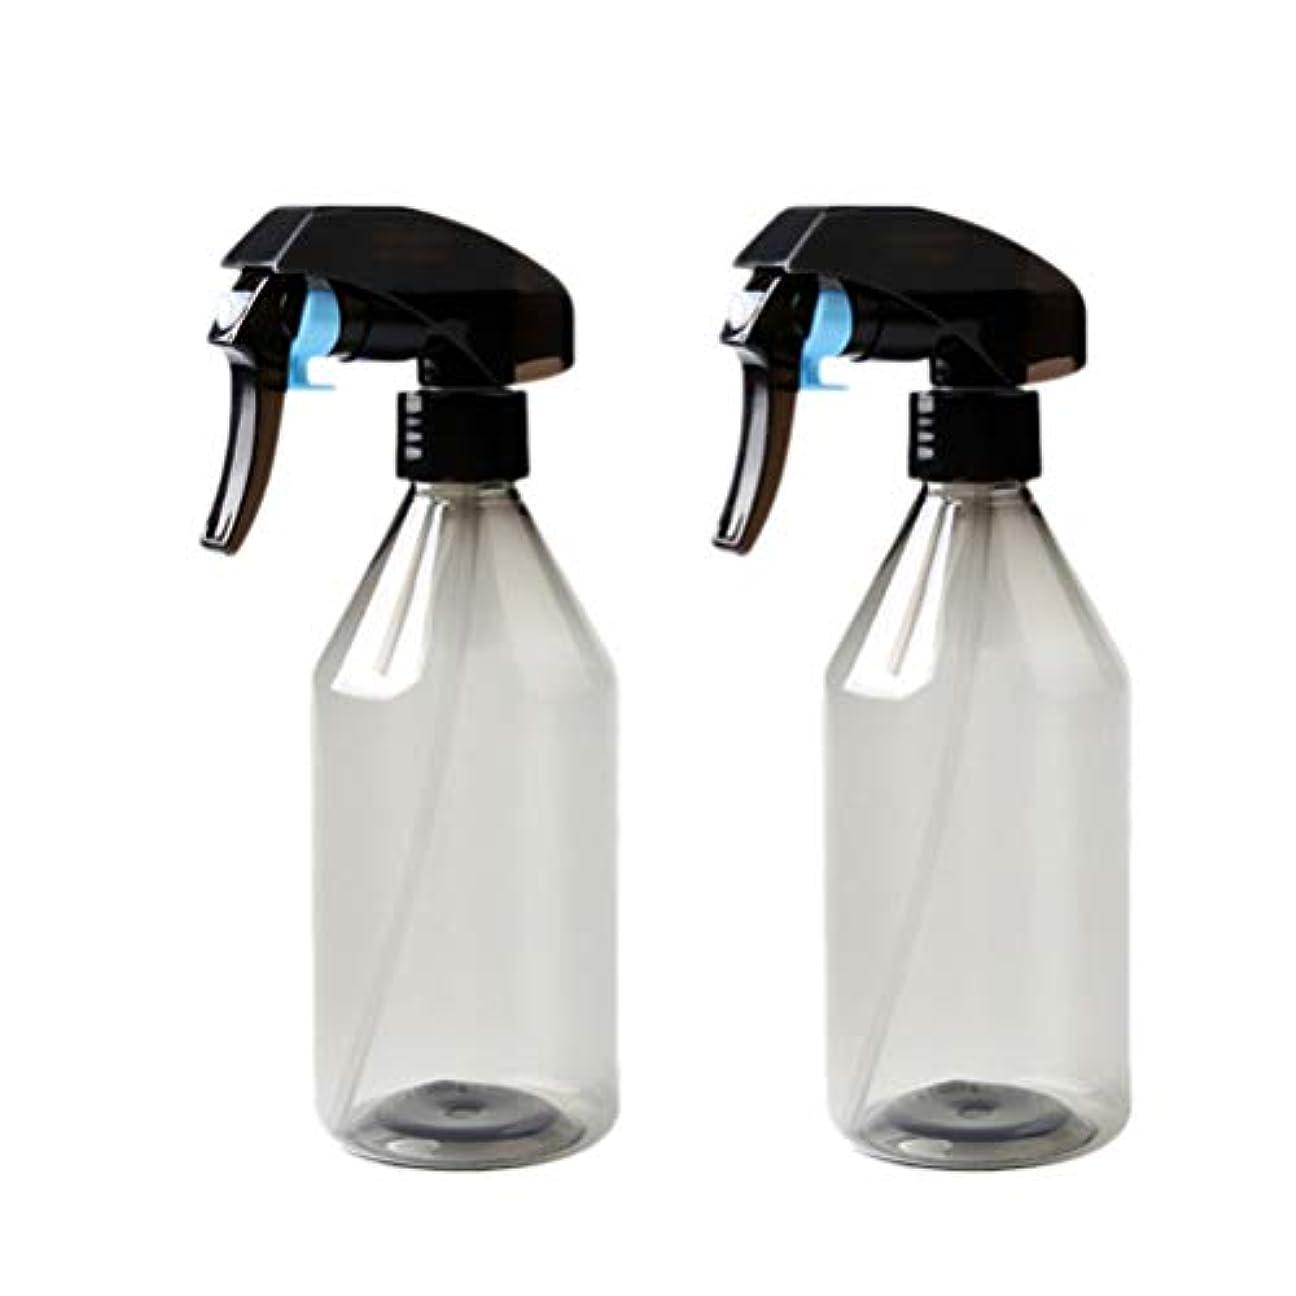 ネックレスチャート脊椎UPKOCH 2ピースプラスチックサロンヘアボトル理髪水スプレー空噴霧器花植物水噴霧器水ディスペンサー詰め替えボトル300 ml